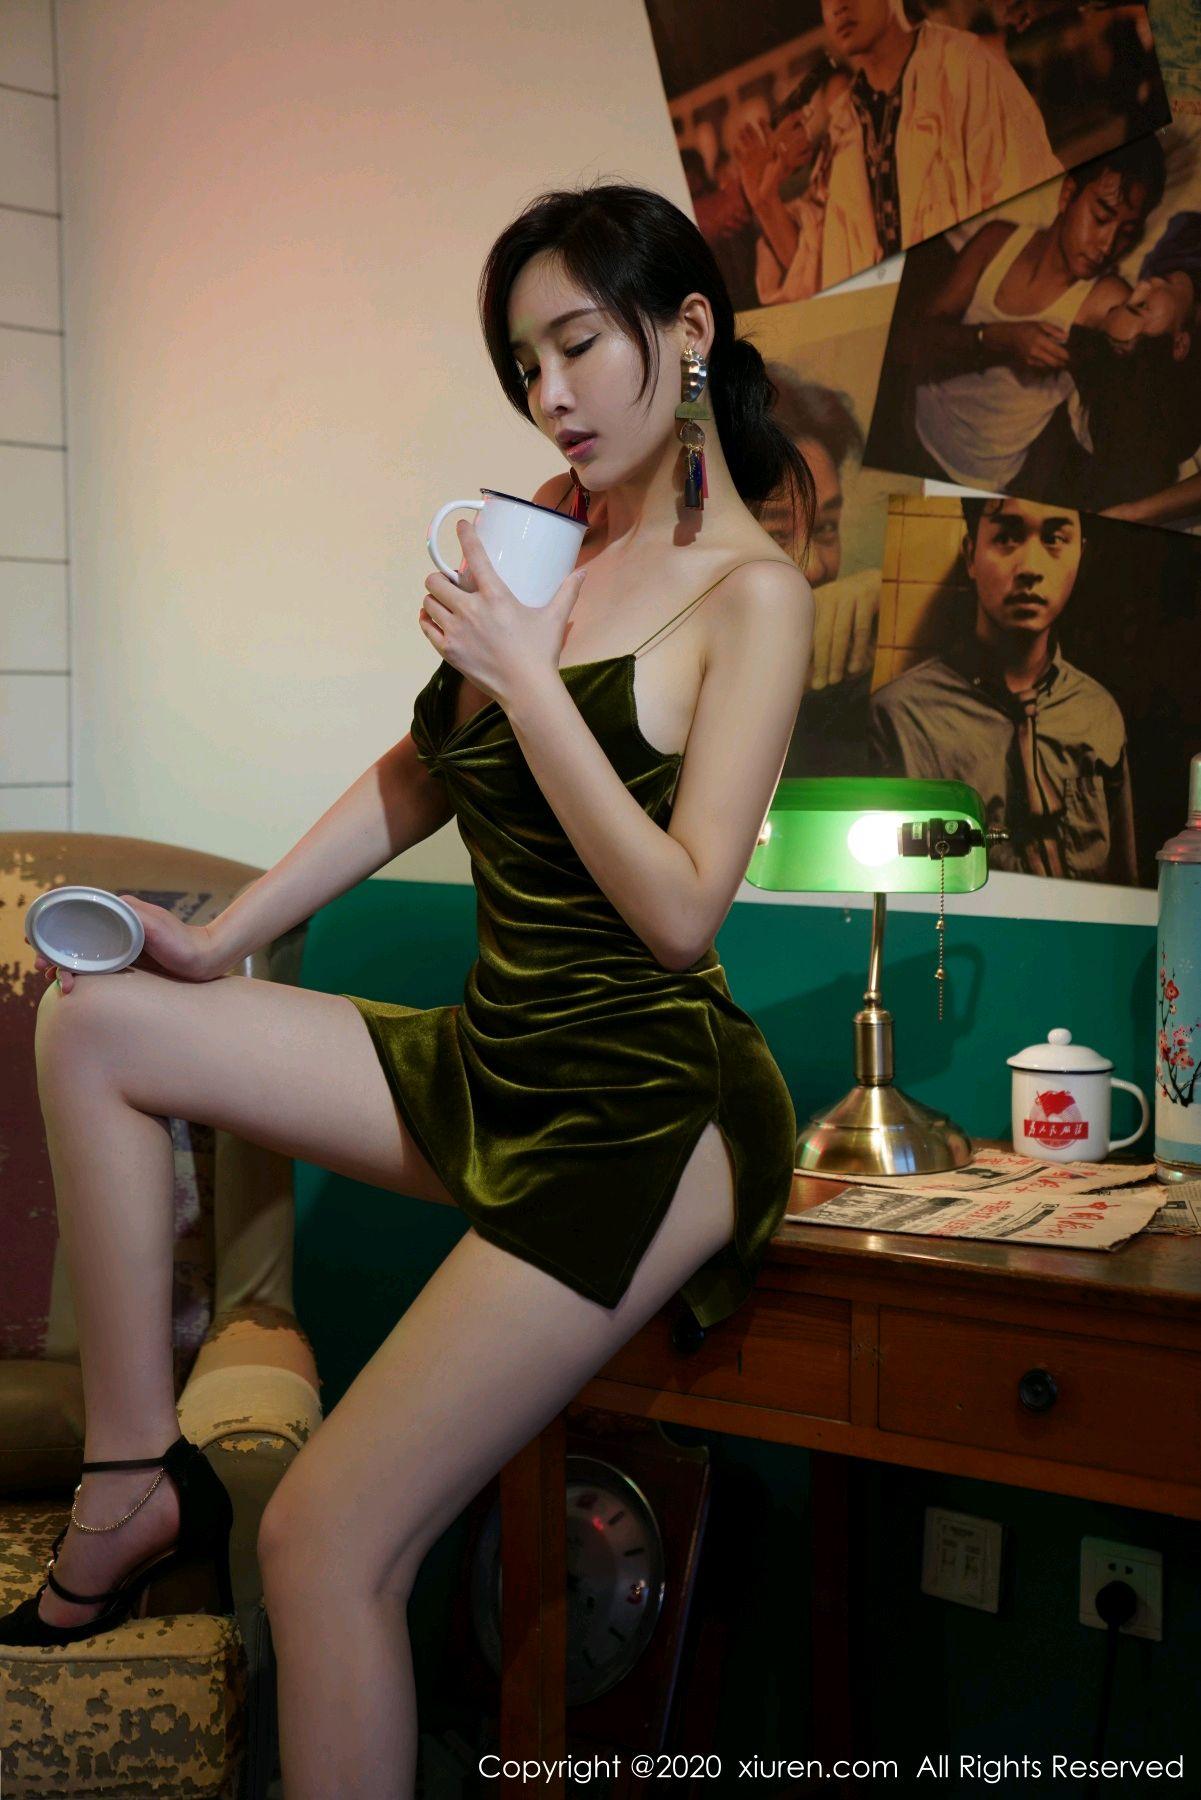 [XiuRen] Vol.2477 Tu Fei Yuan Ai Chuo QIong 36P, Sexy, Xiuren, Zhou Yan Xi